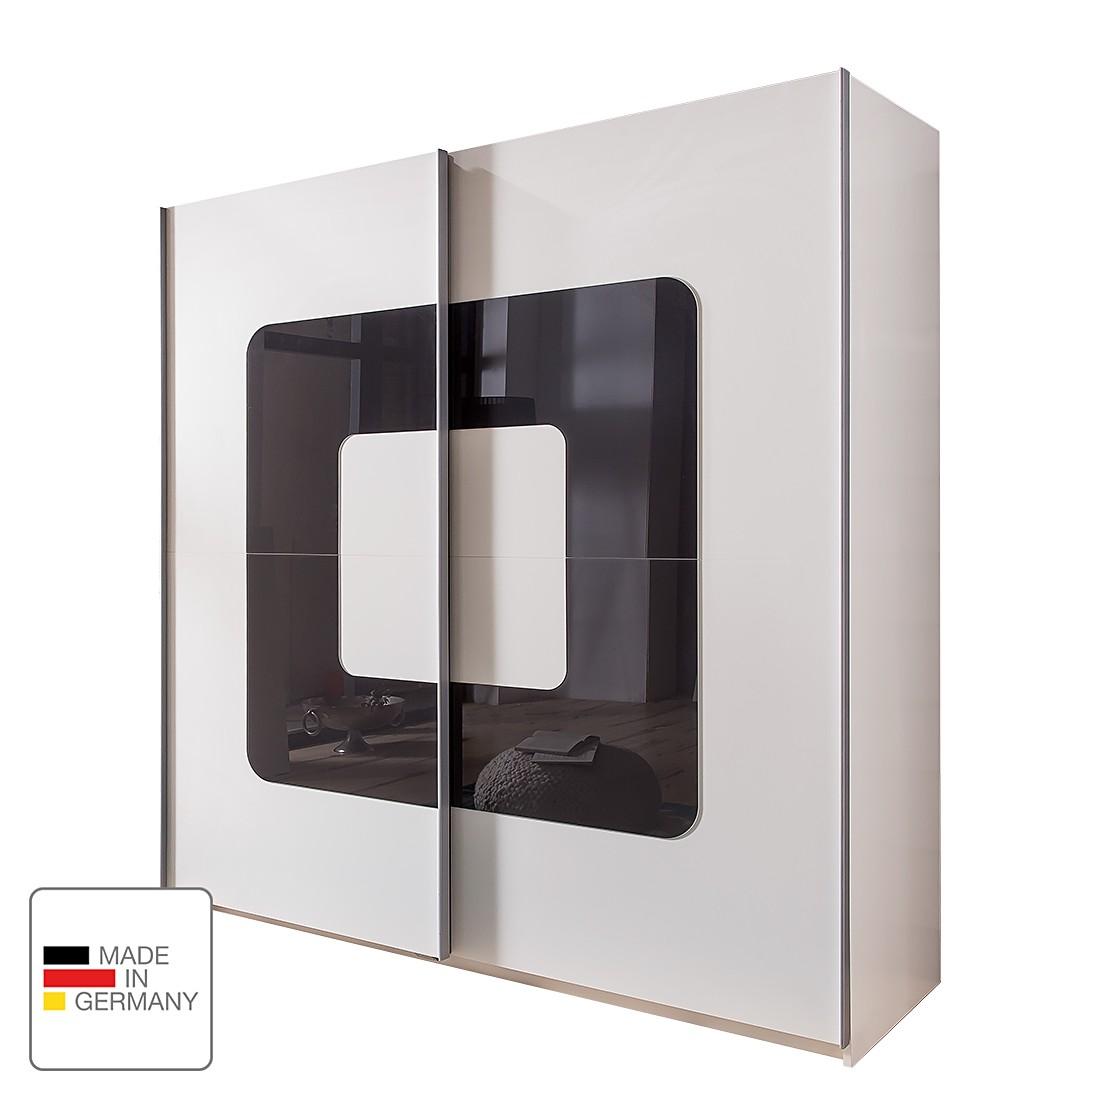 Armoire à portes coulissantes Curve - Blanc alpin / Verre gris, Wimex